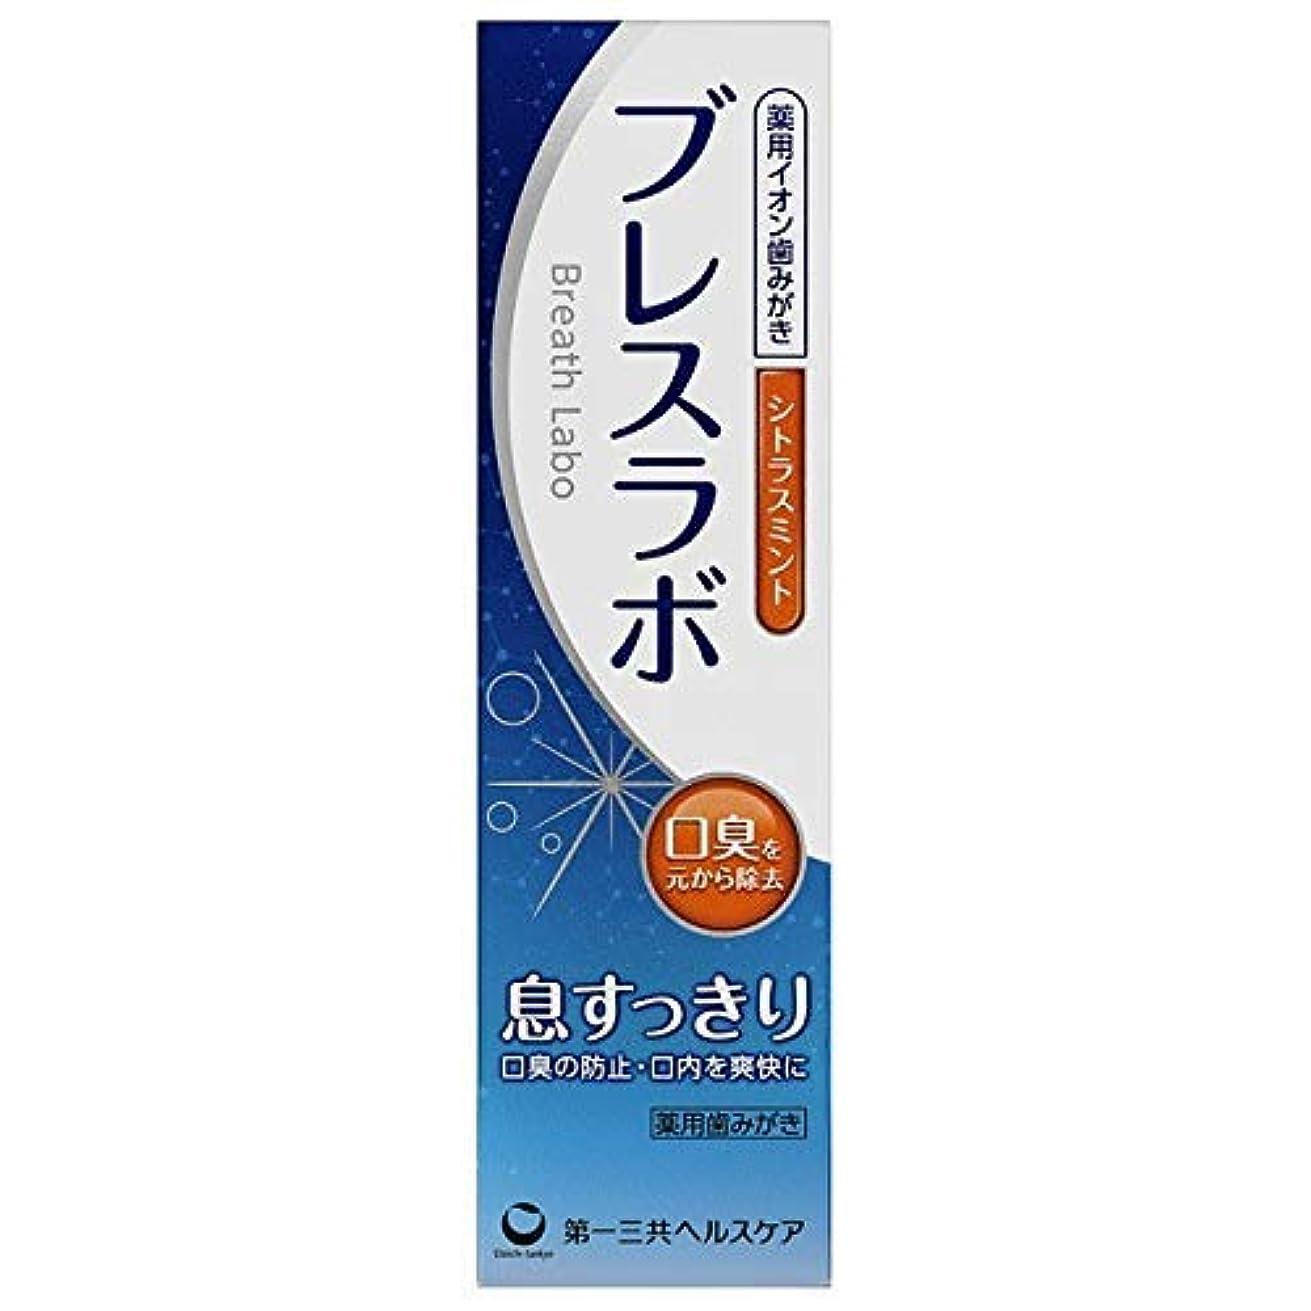 ガラスシンポジウム圧倒する【6個セット】ブレスラボ シトラスミント 90g